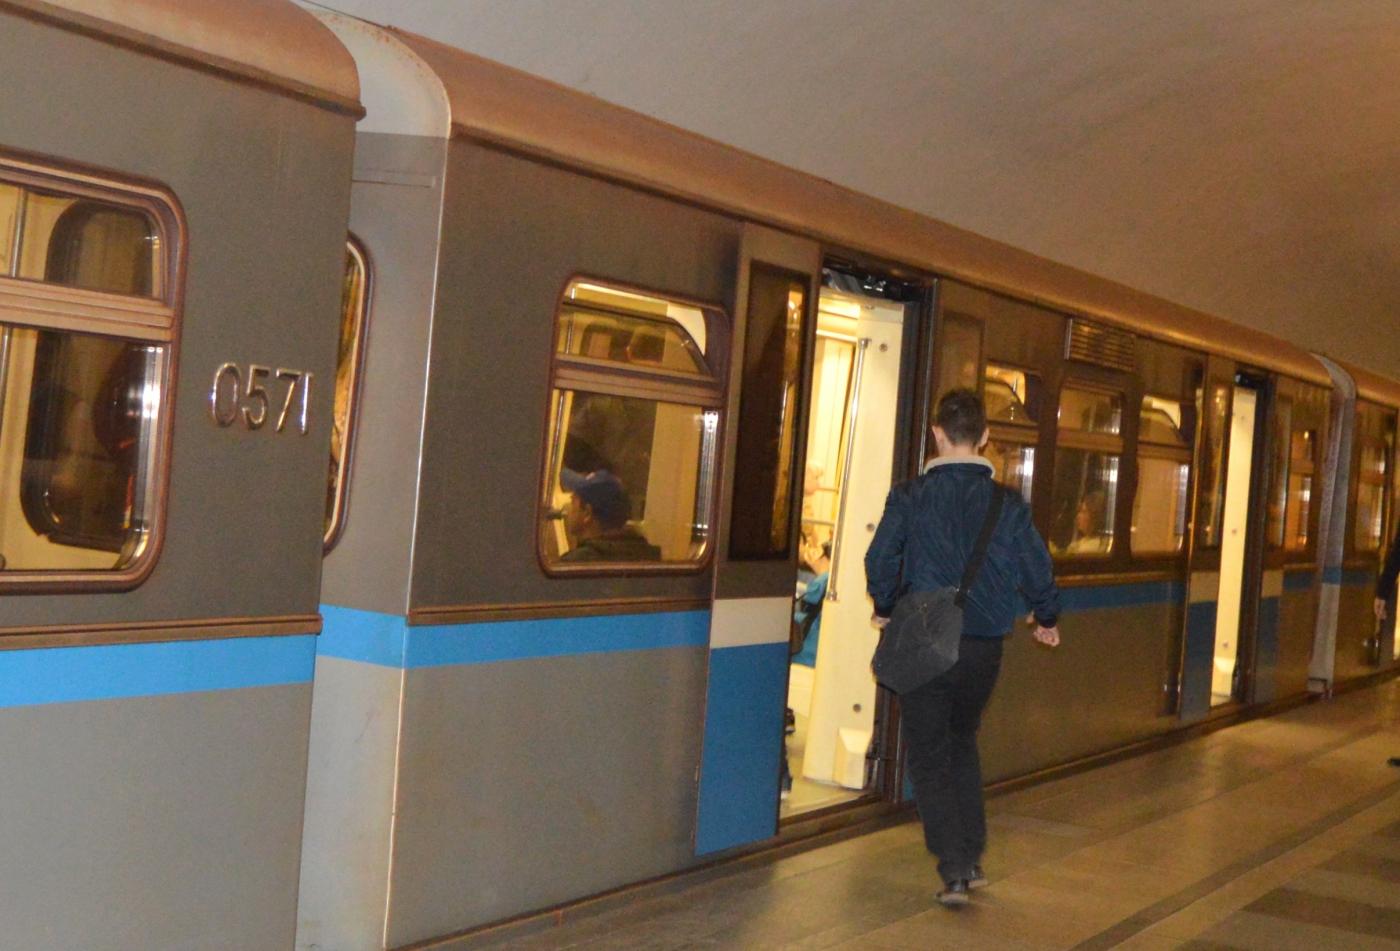 参观莫斯科地铁_图1-4